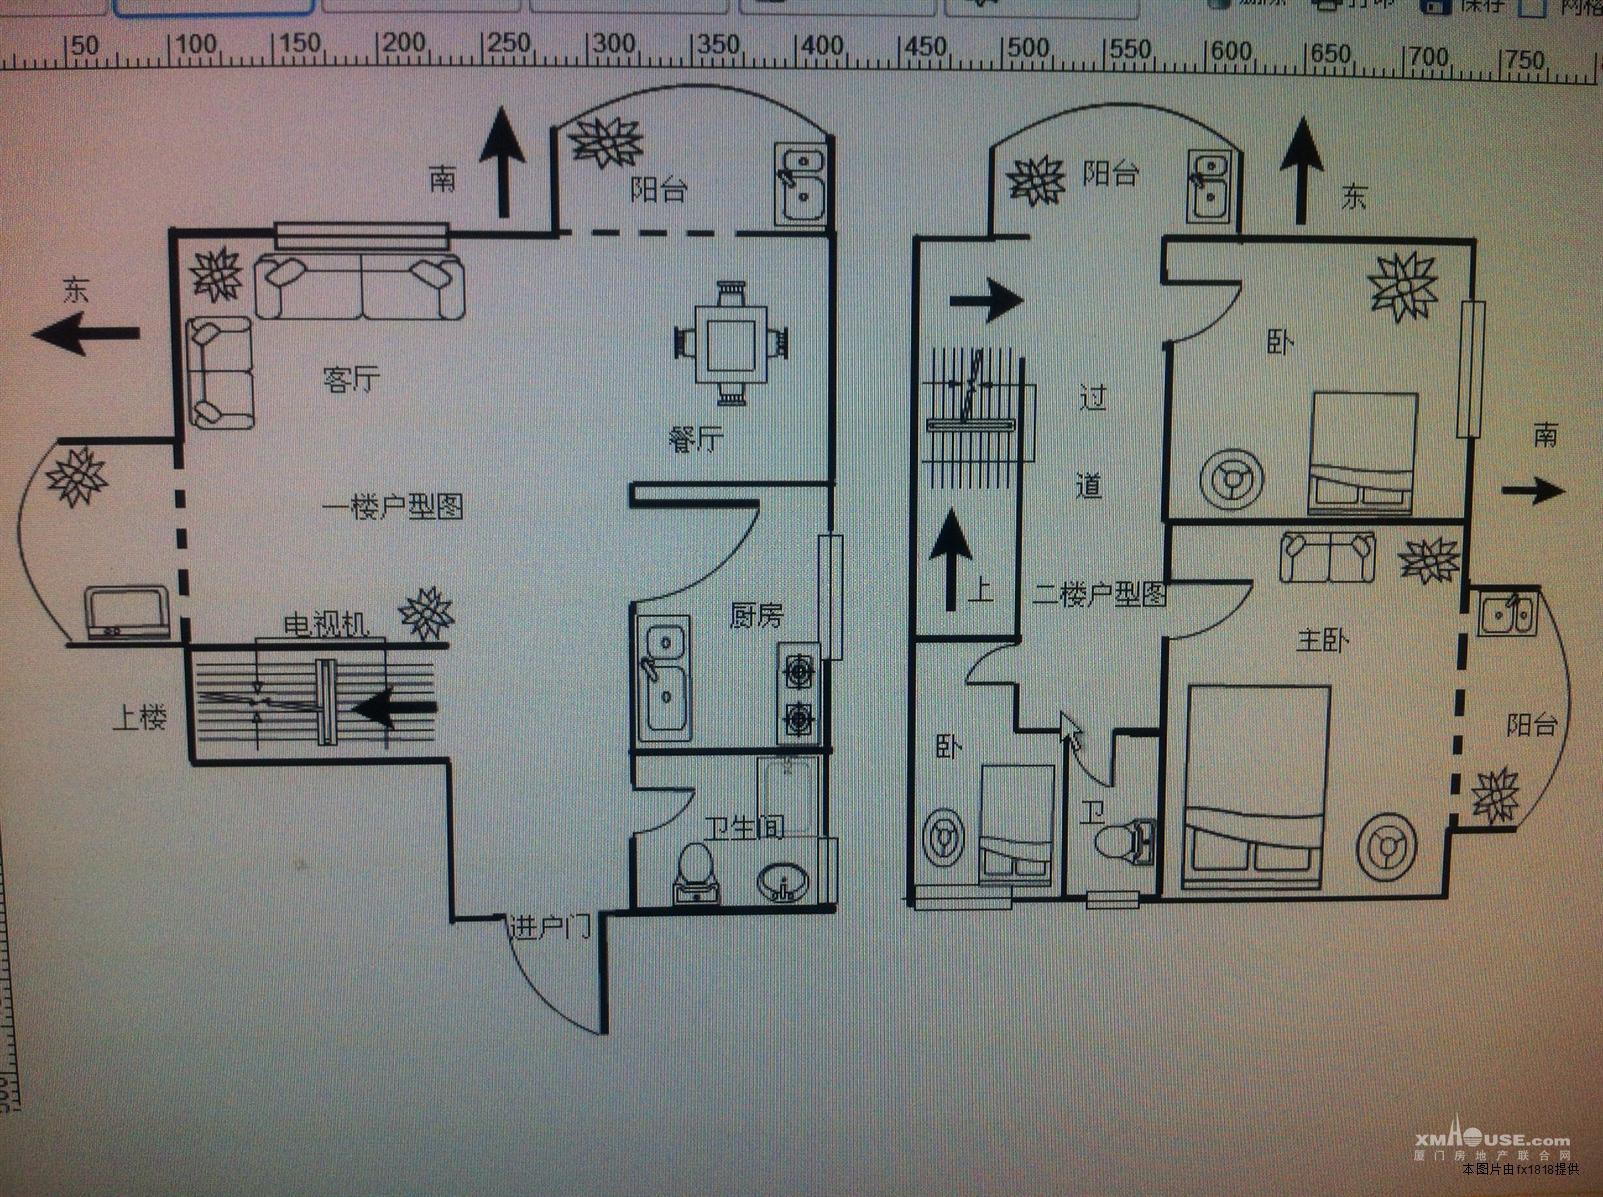 宽14长12米房屋设计图展示